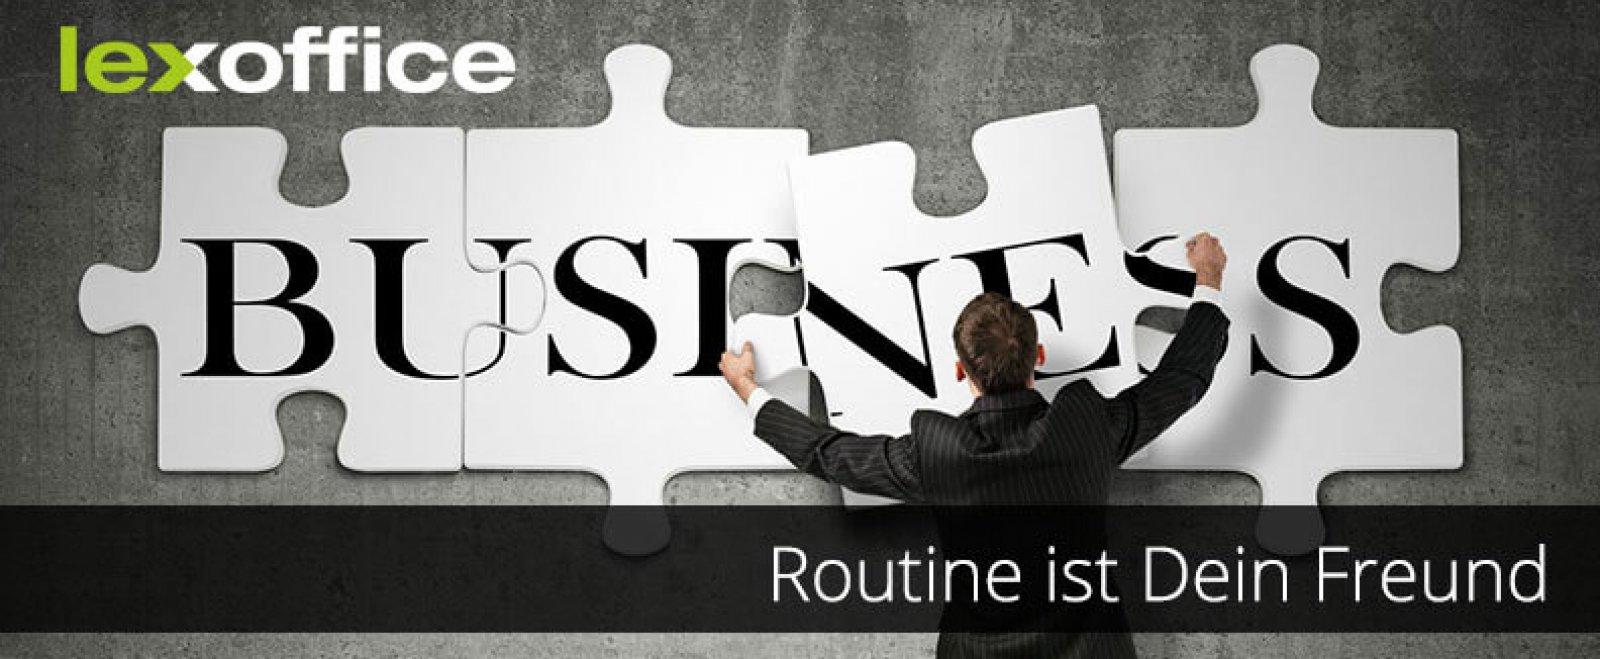 Arbeitsalltag: Routine ist Dein Freund